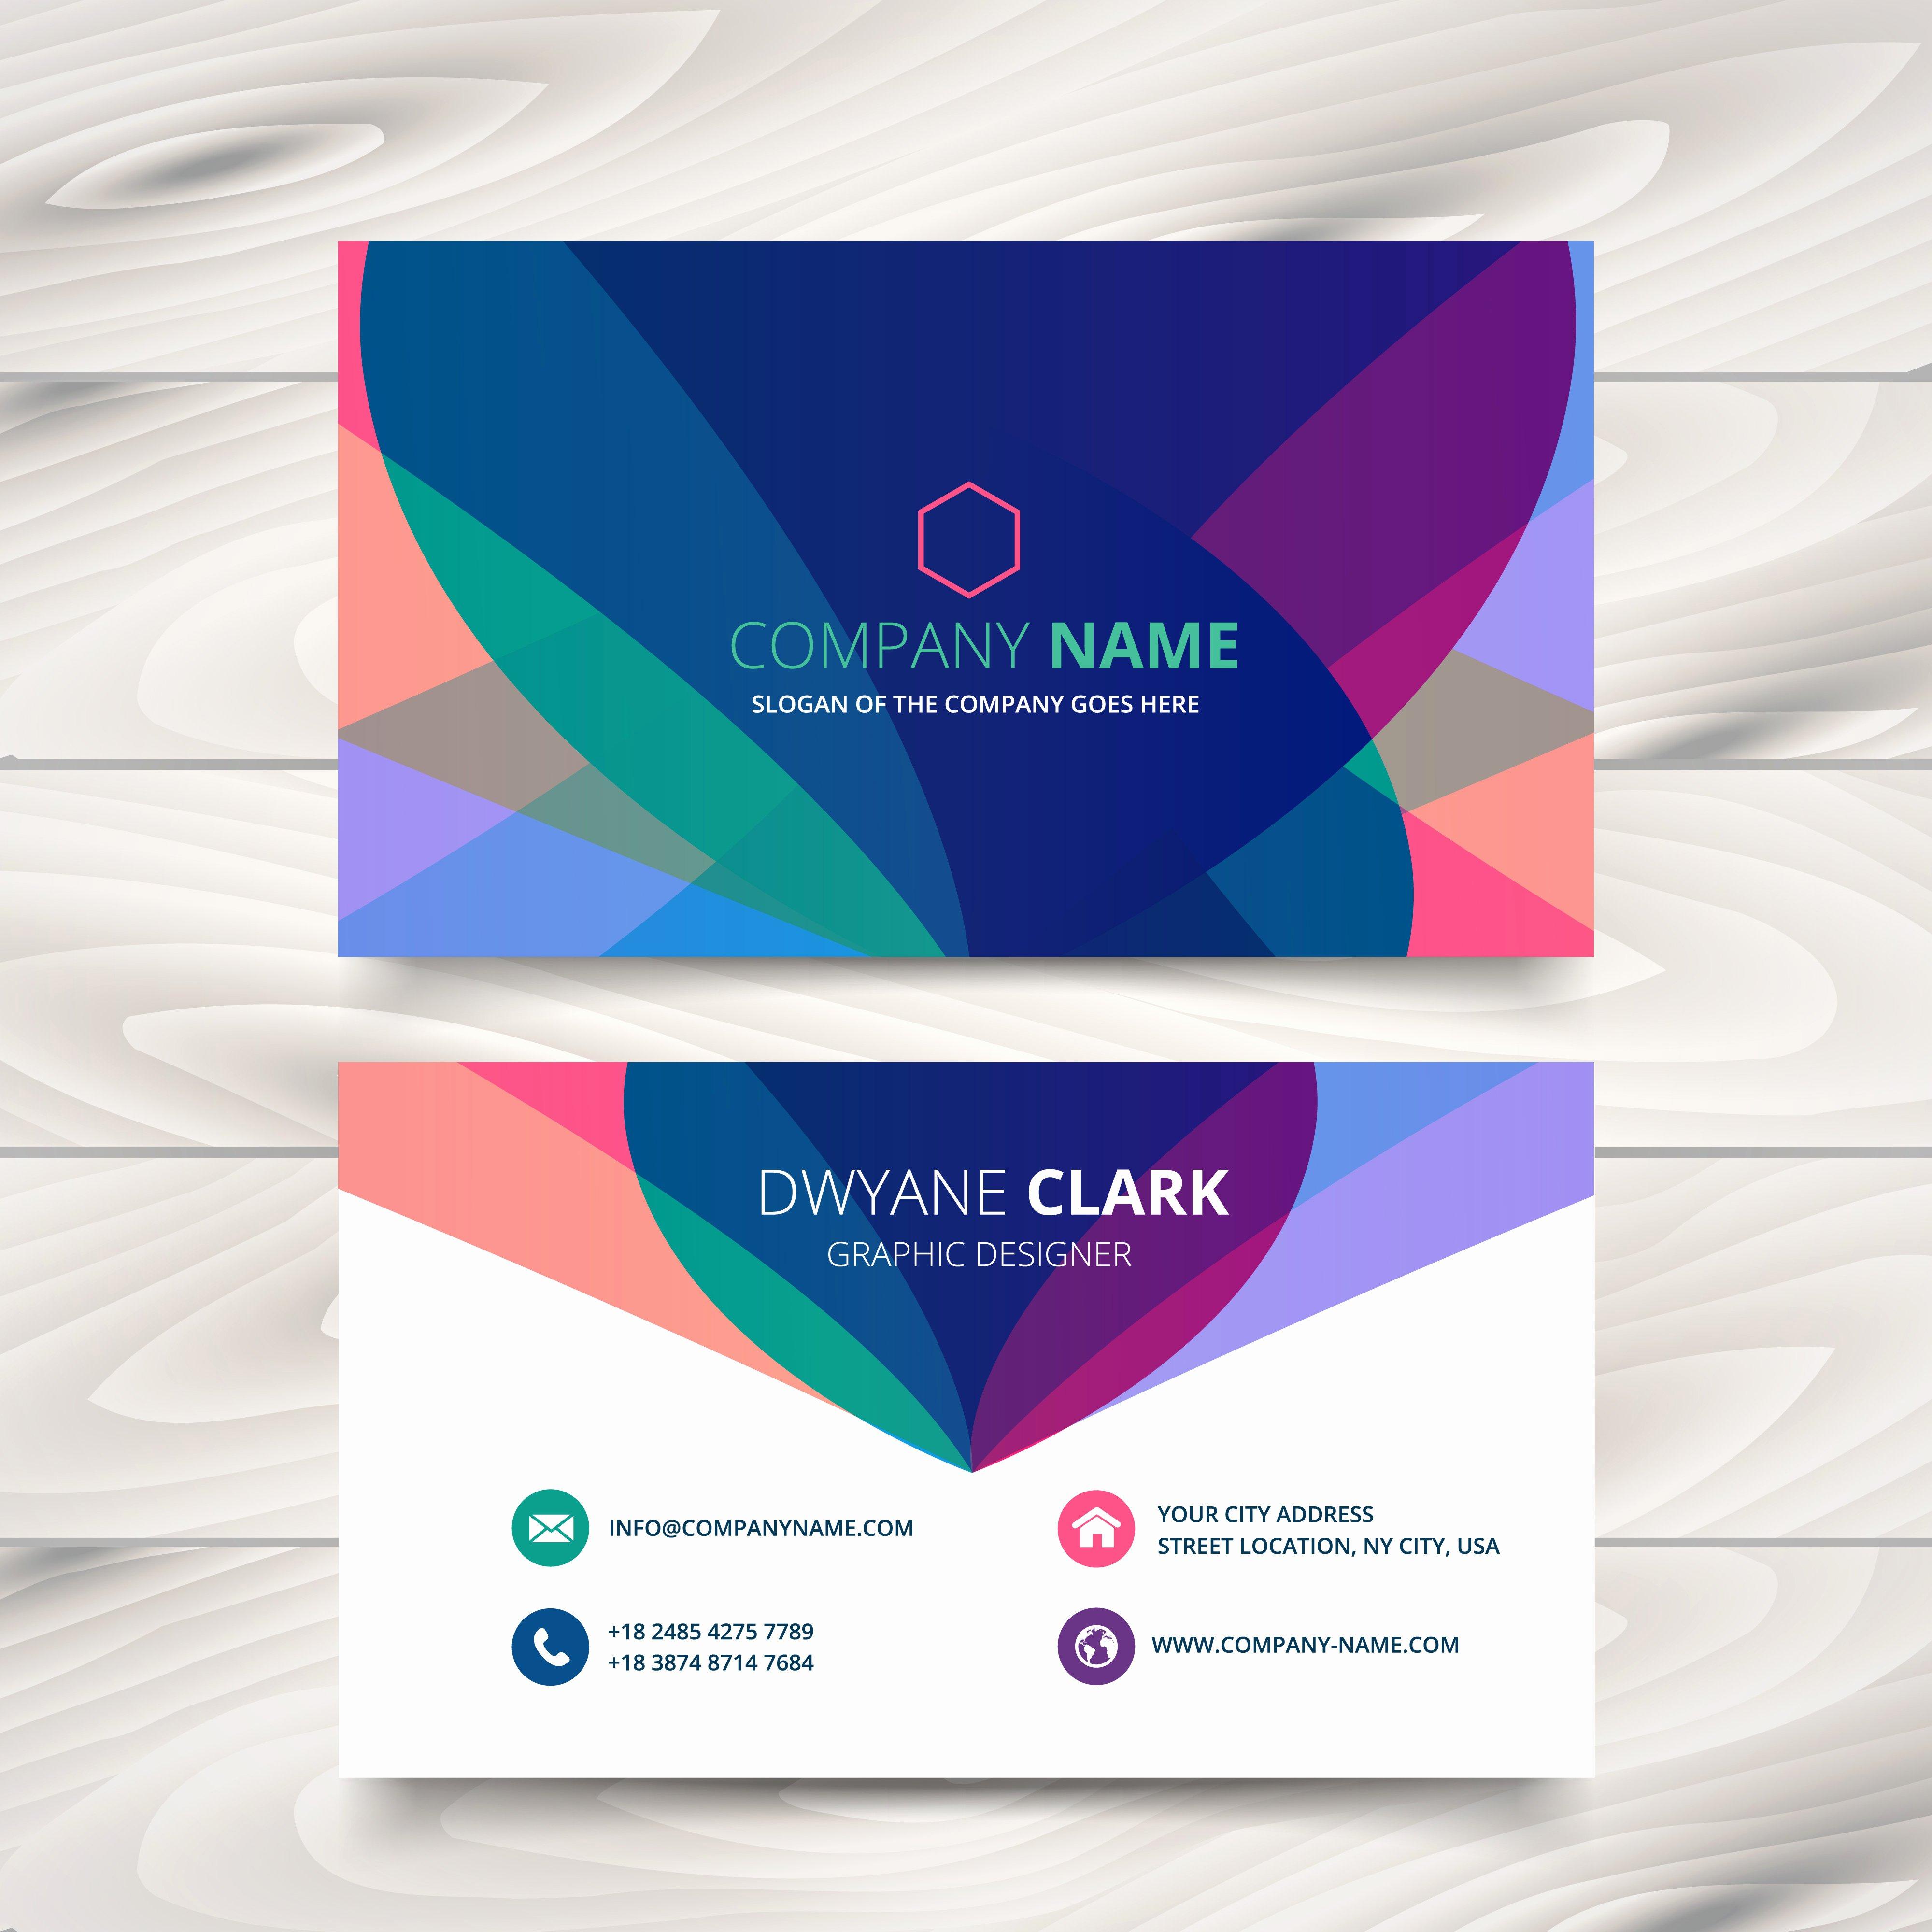 Business Card Template Ppt Fresh Modern Colorful Business Card Template Presentation Design